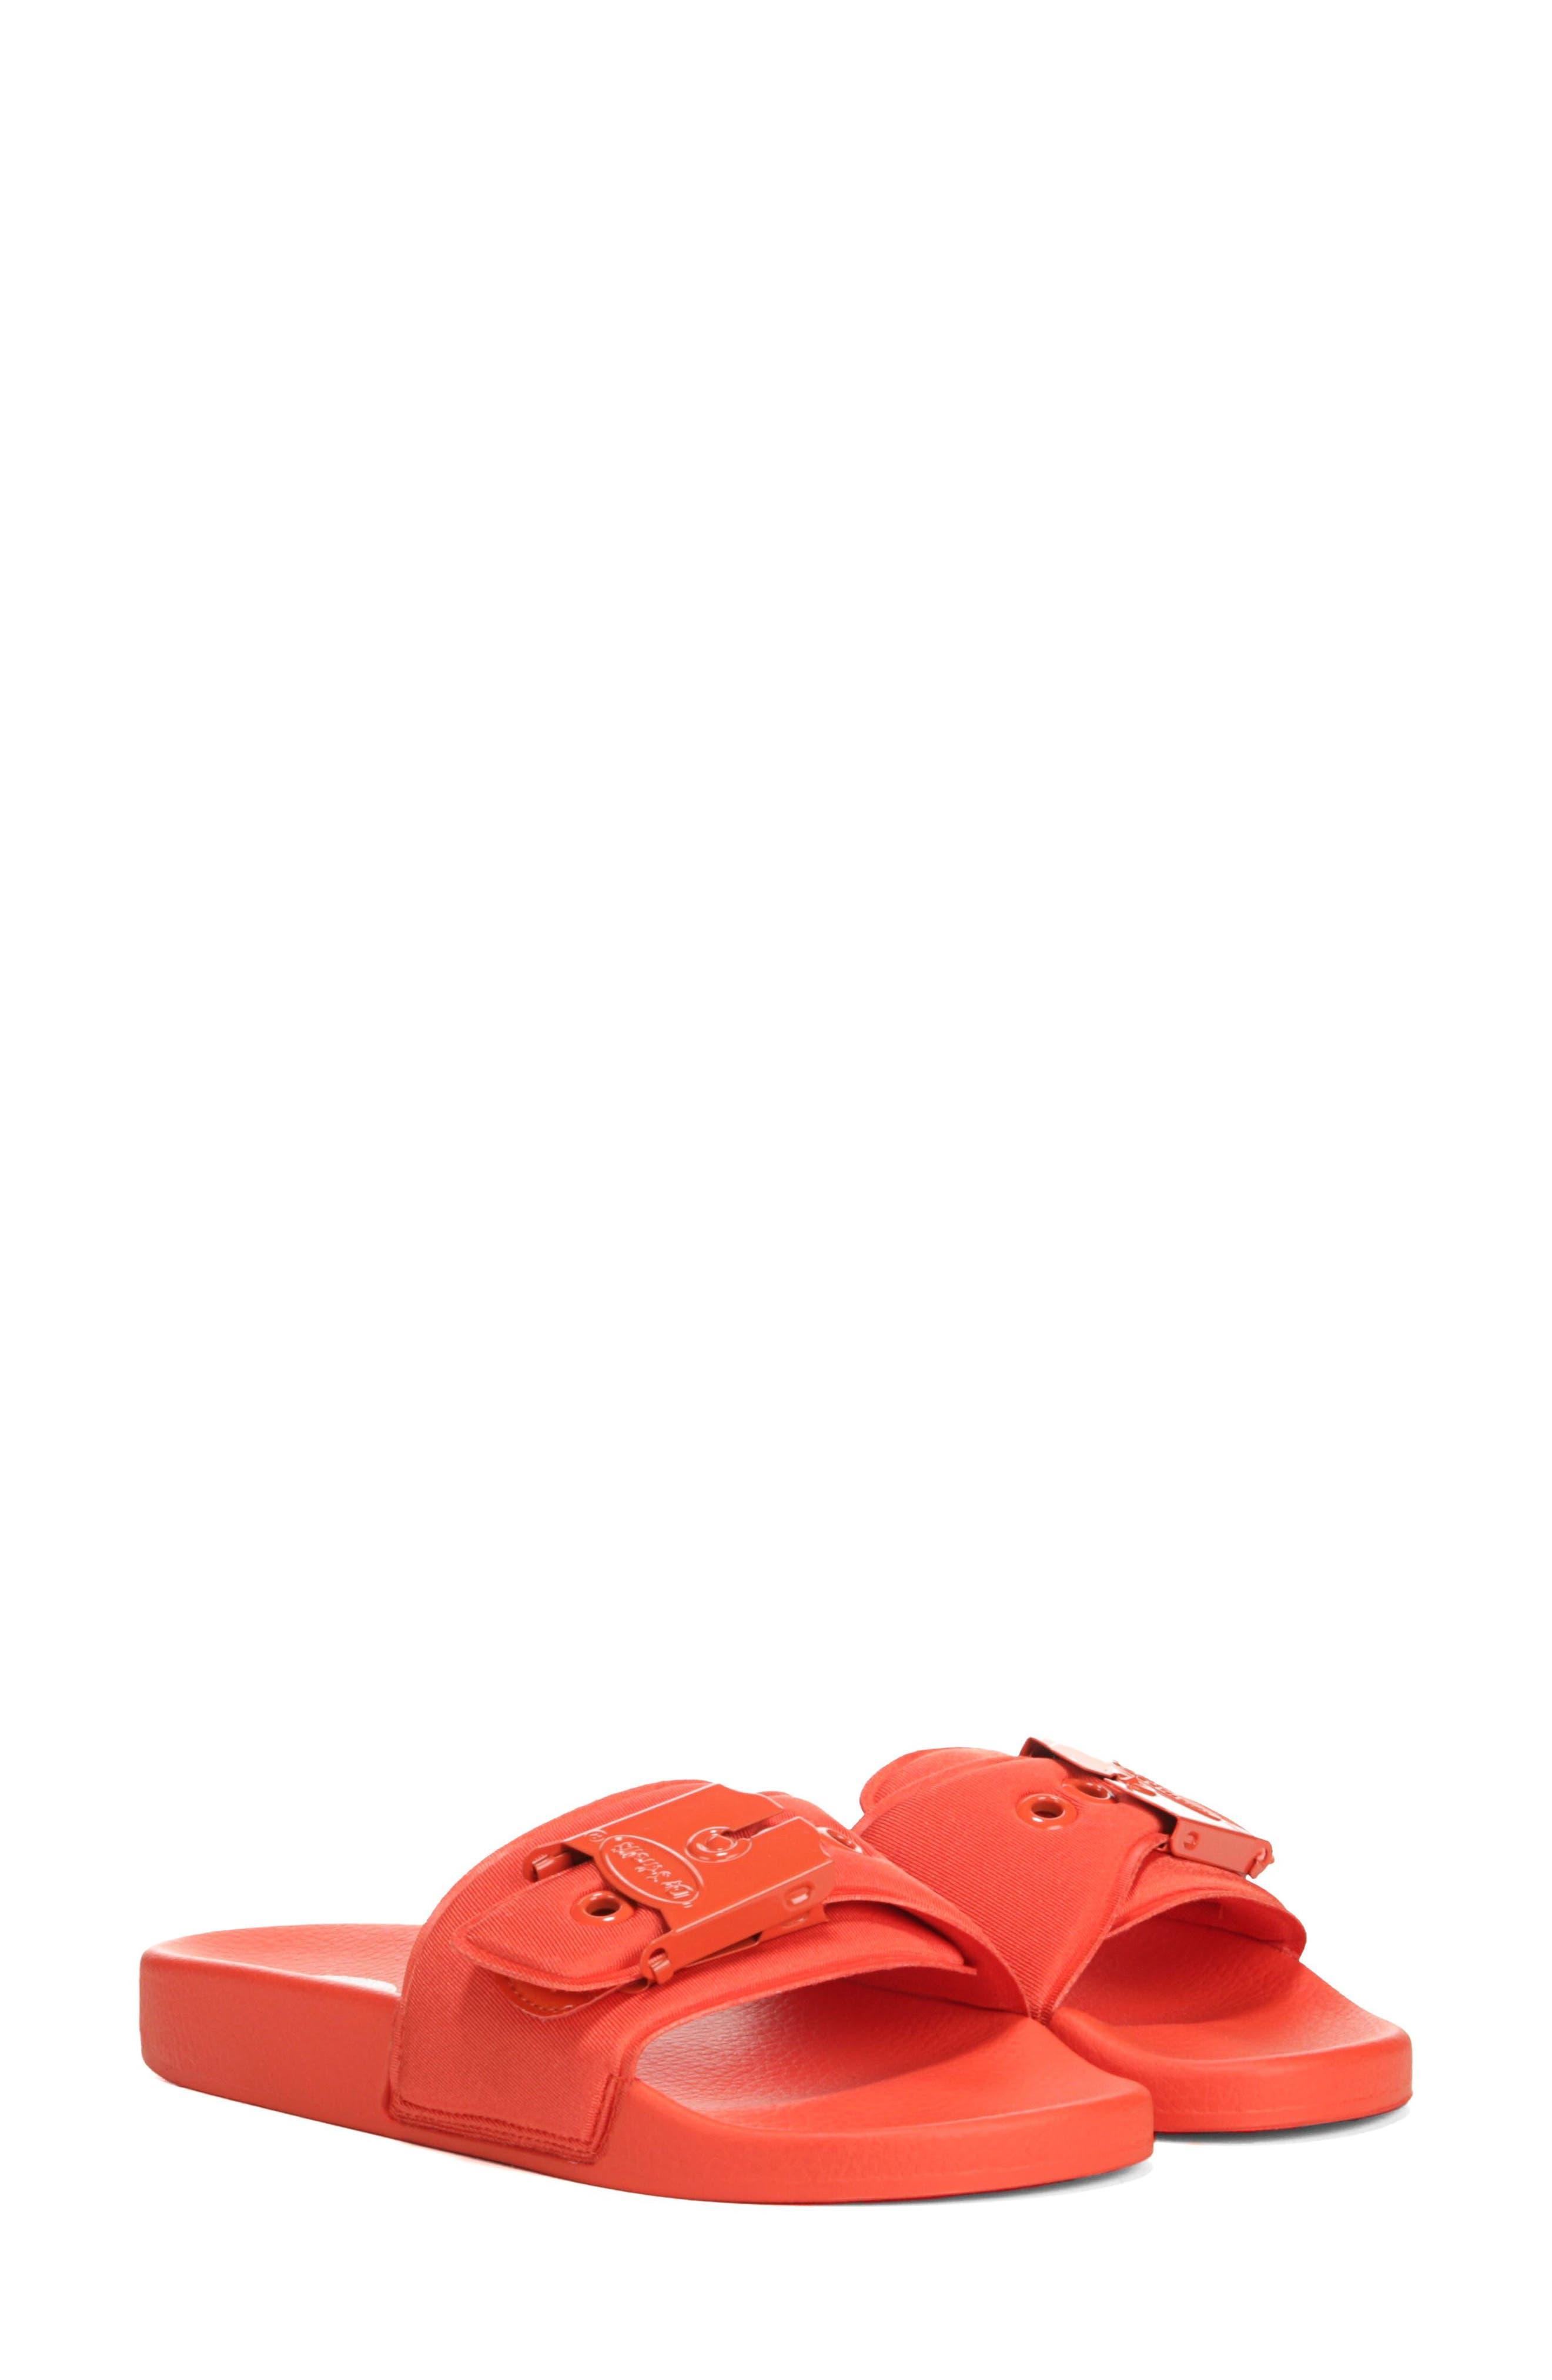 DR. SCHOLL'S Original Pool Slide Sandal, Main, color, TIGER LILY